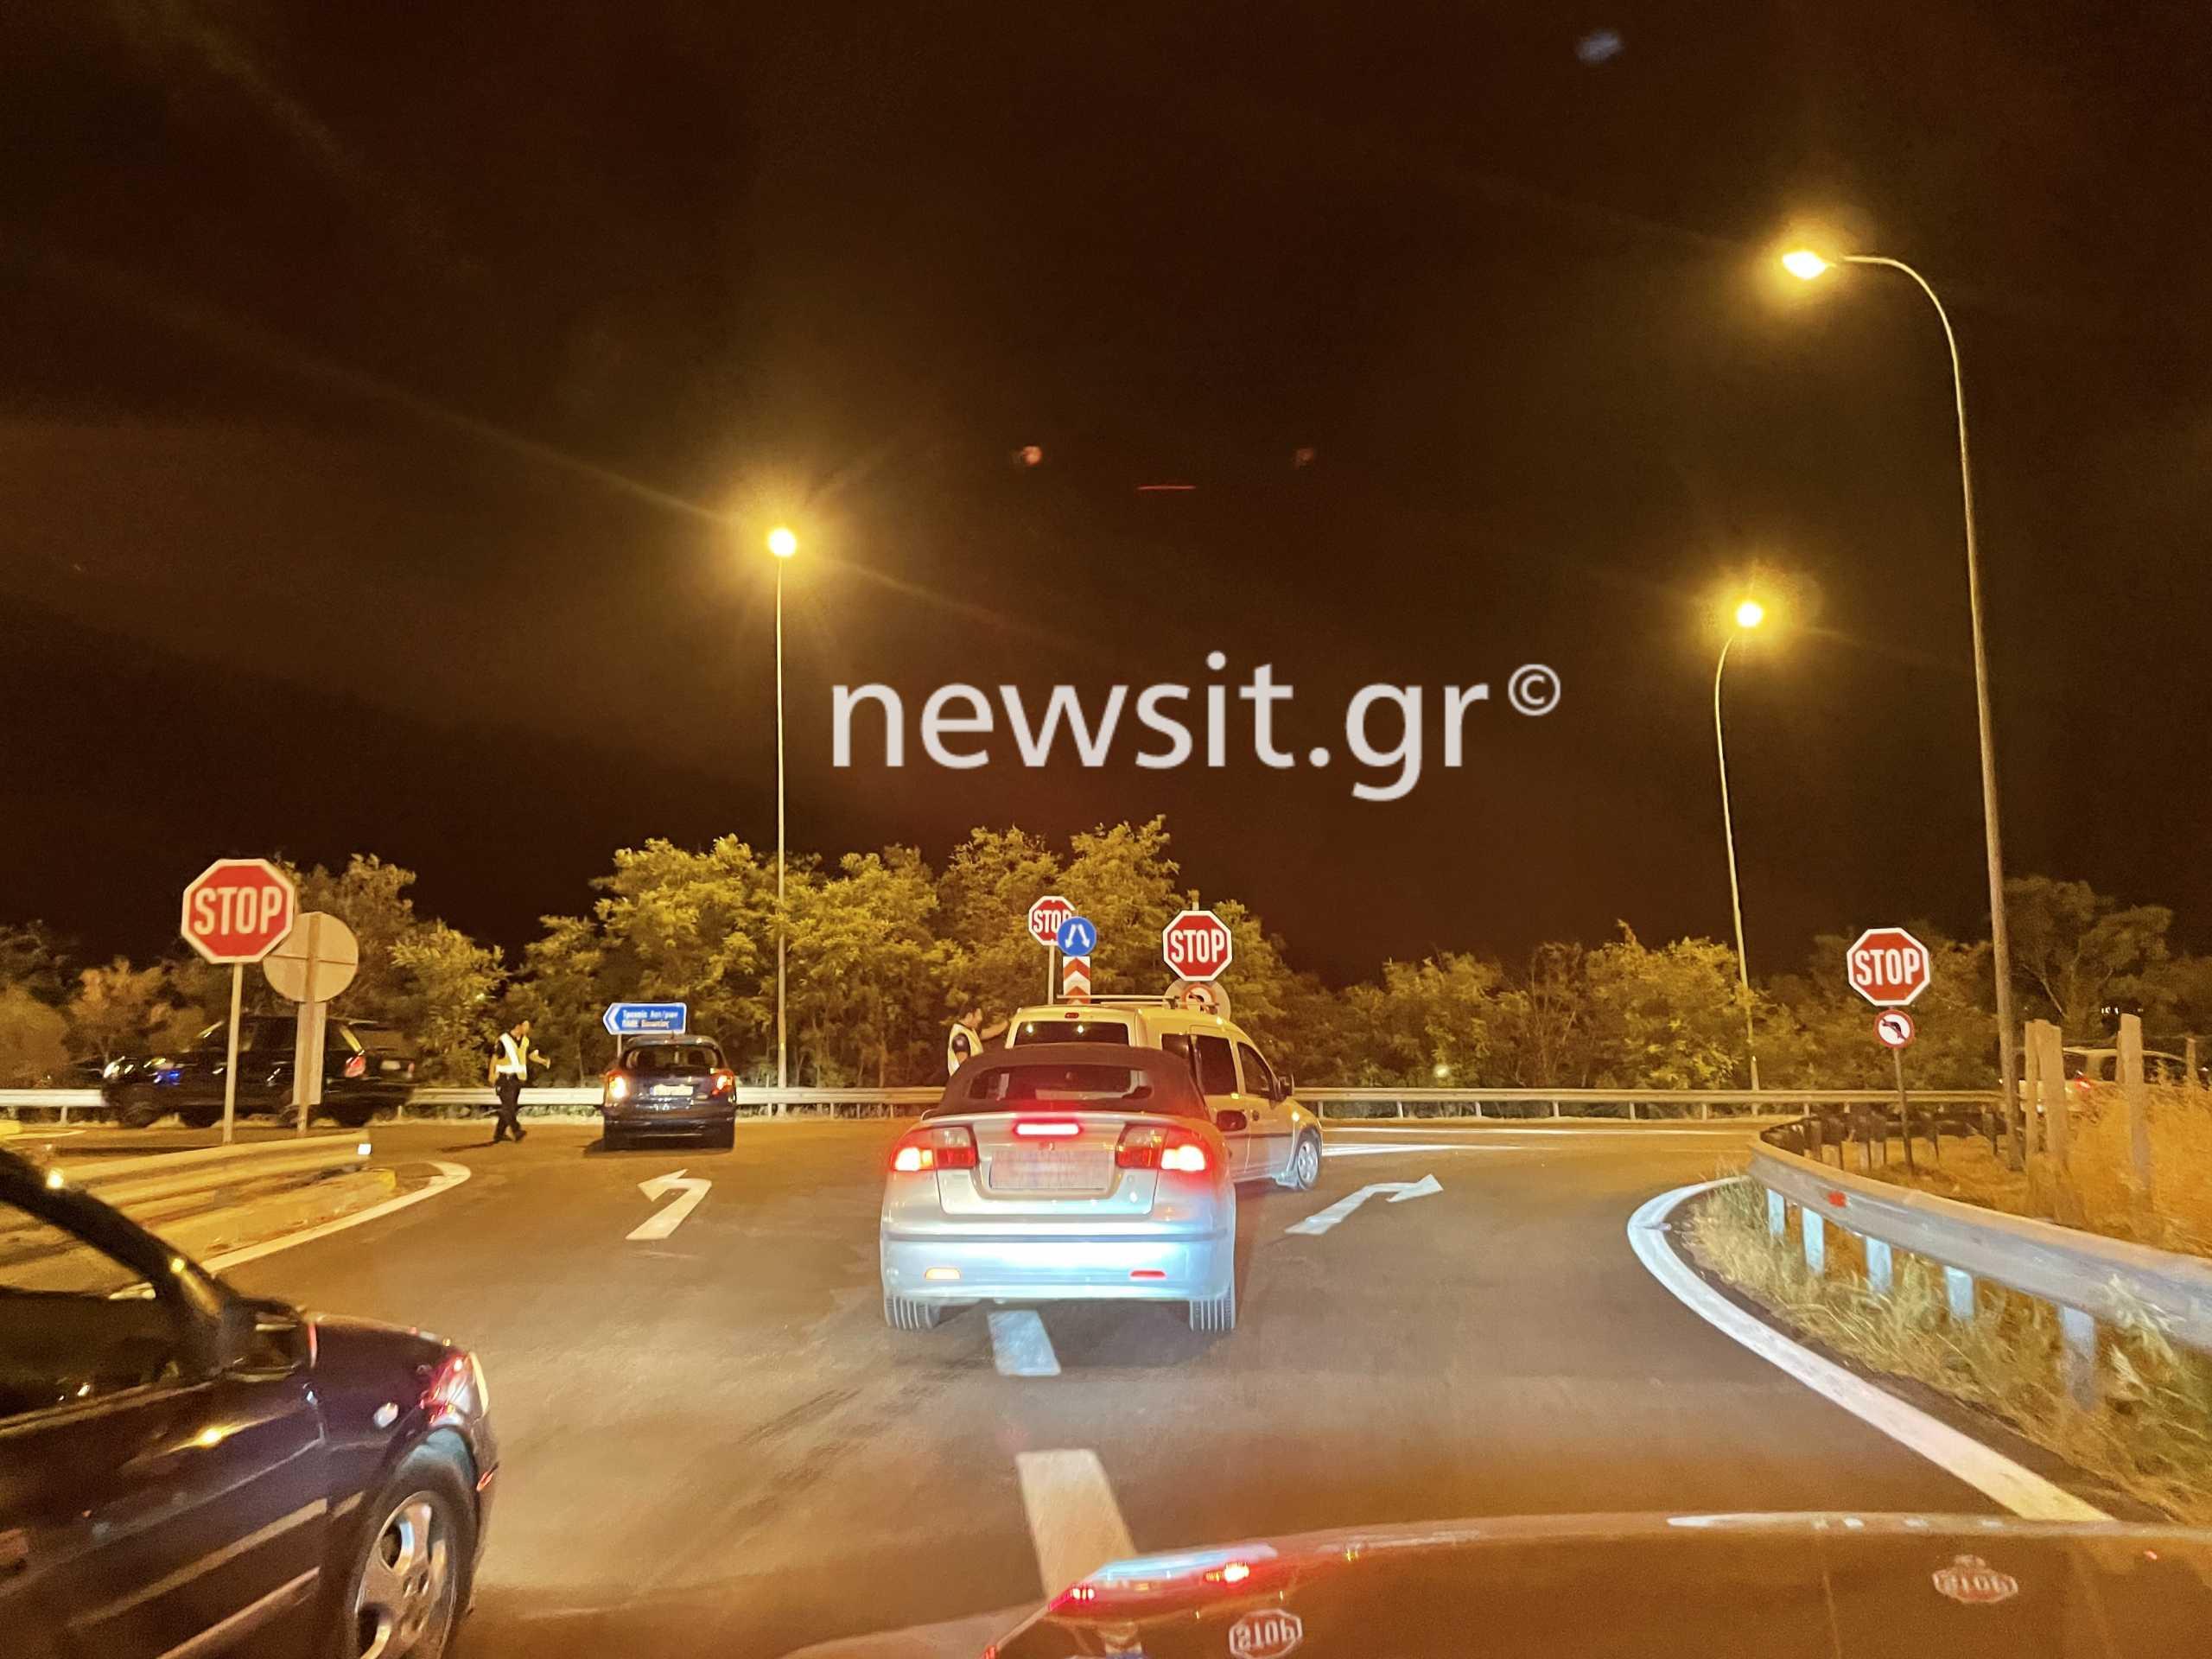 Ακόμα κλειστή η εθνική οδός λόγω της φωτιάς – Γίνεται εκτροπή οχημάτων στη Θήβα (pics)